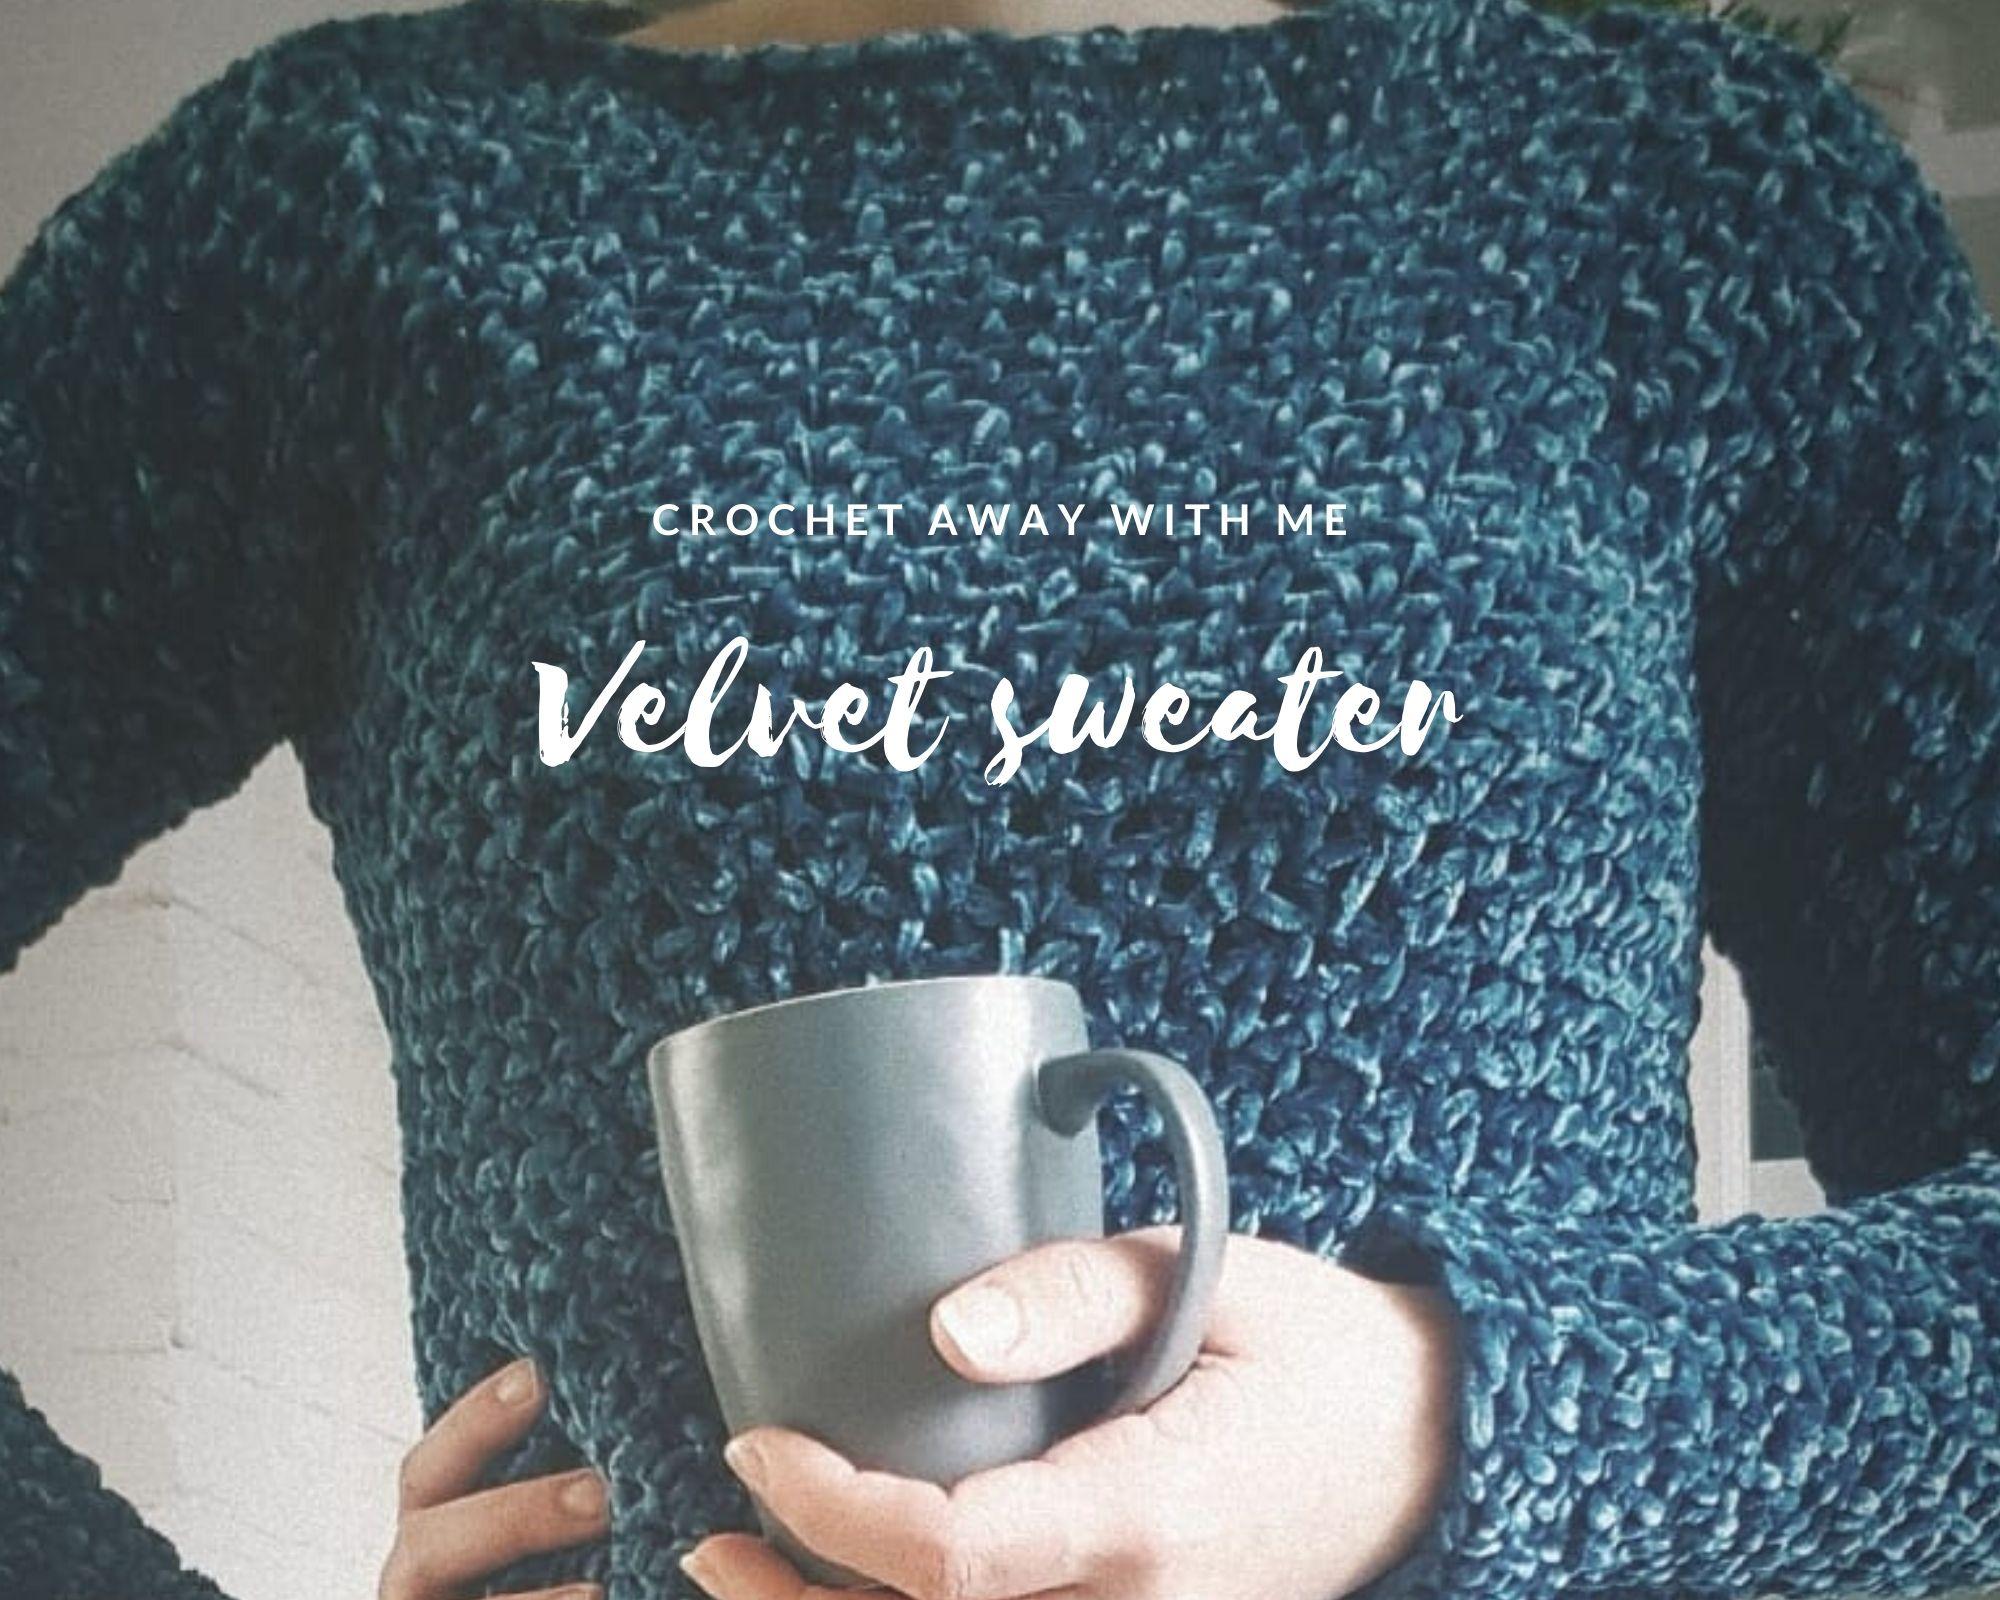 Velvet sweater2